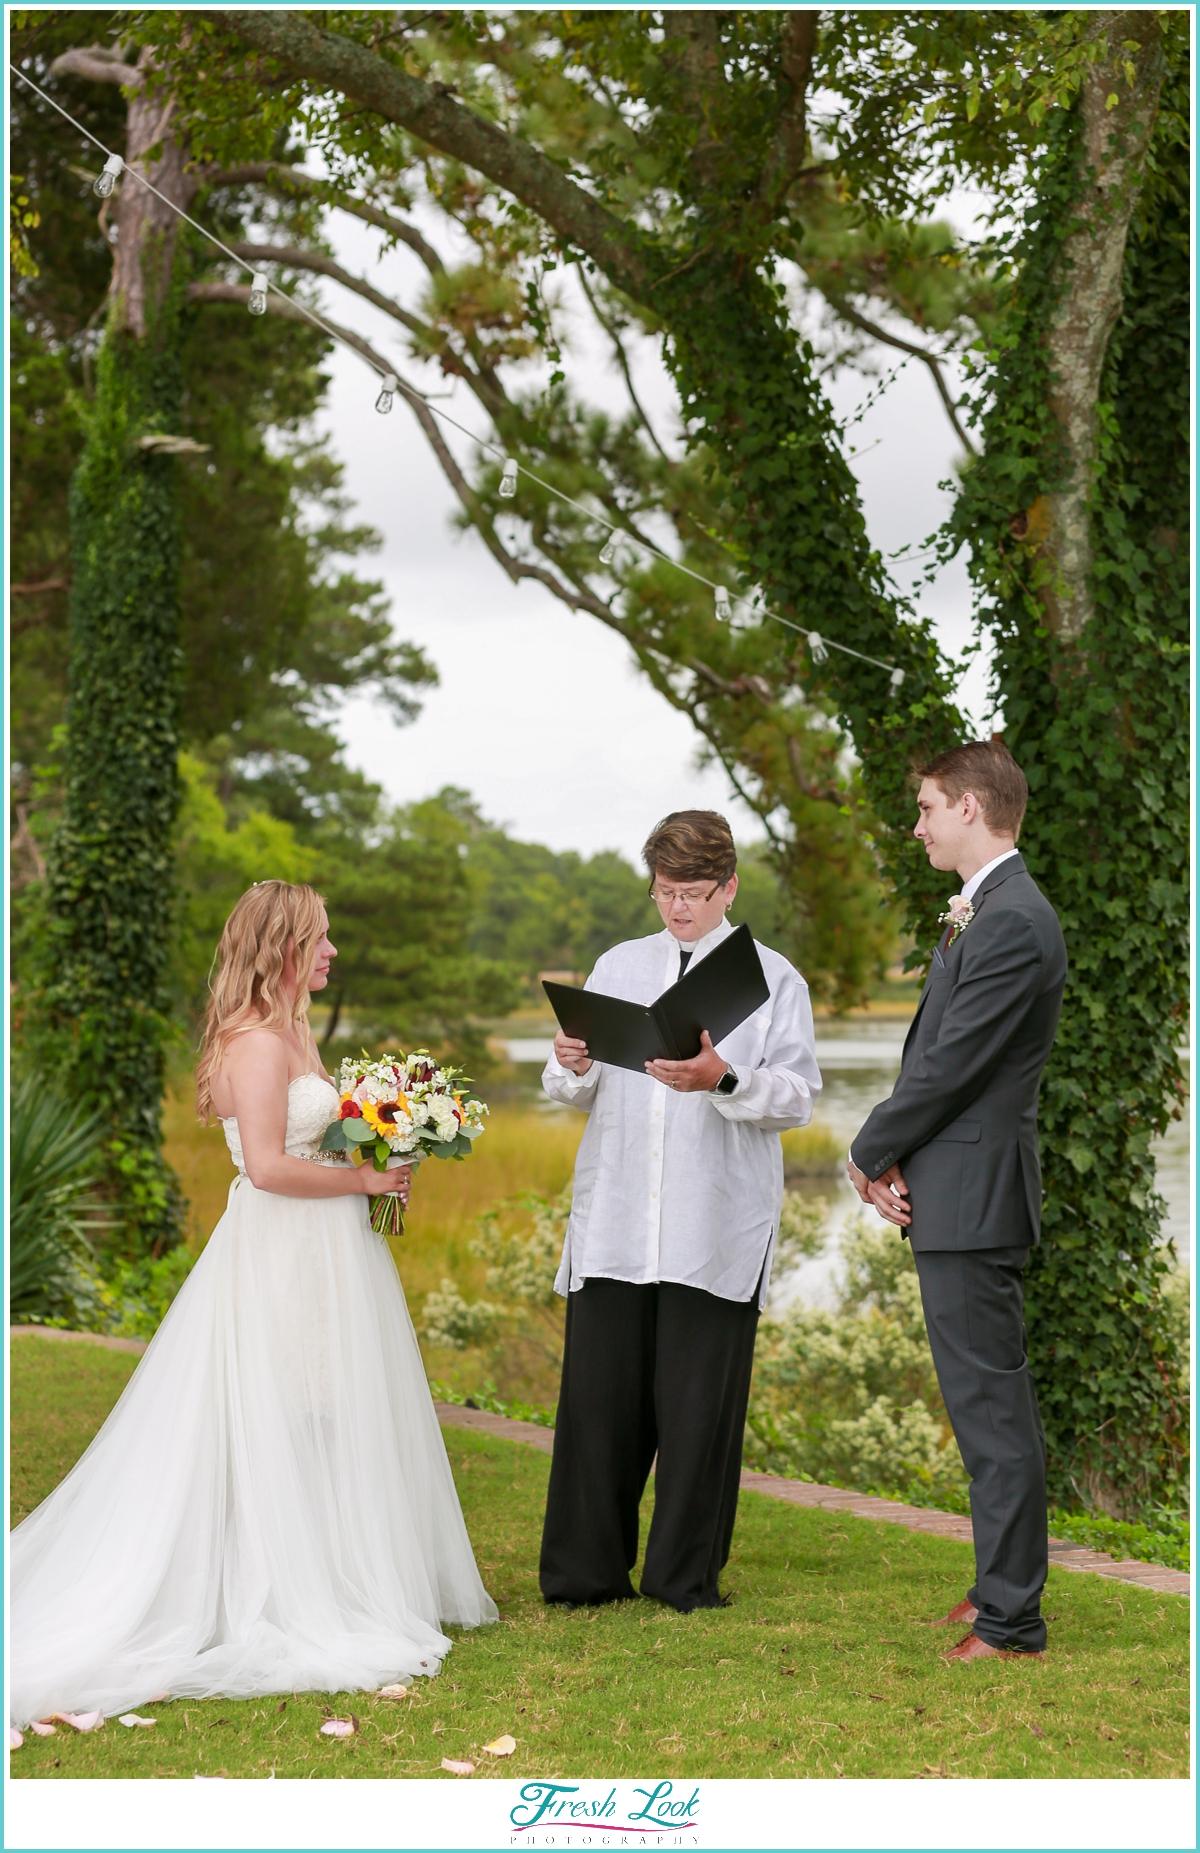 Woodsy wedding ceremony